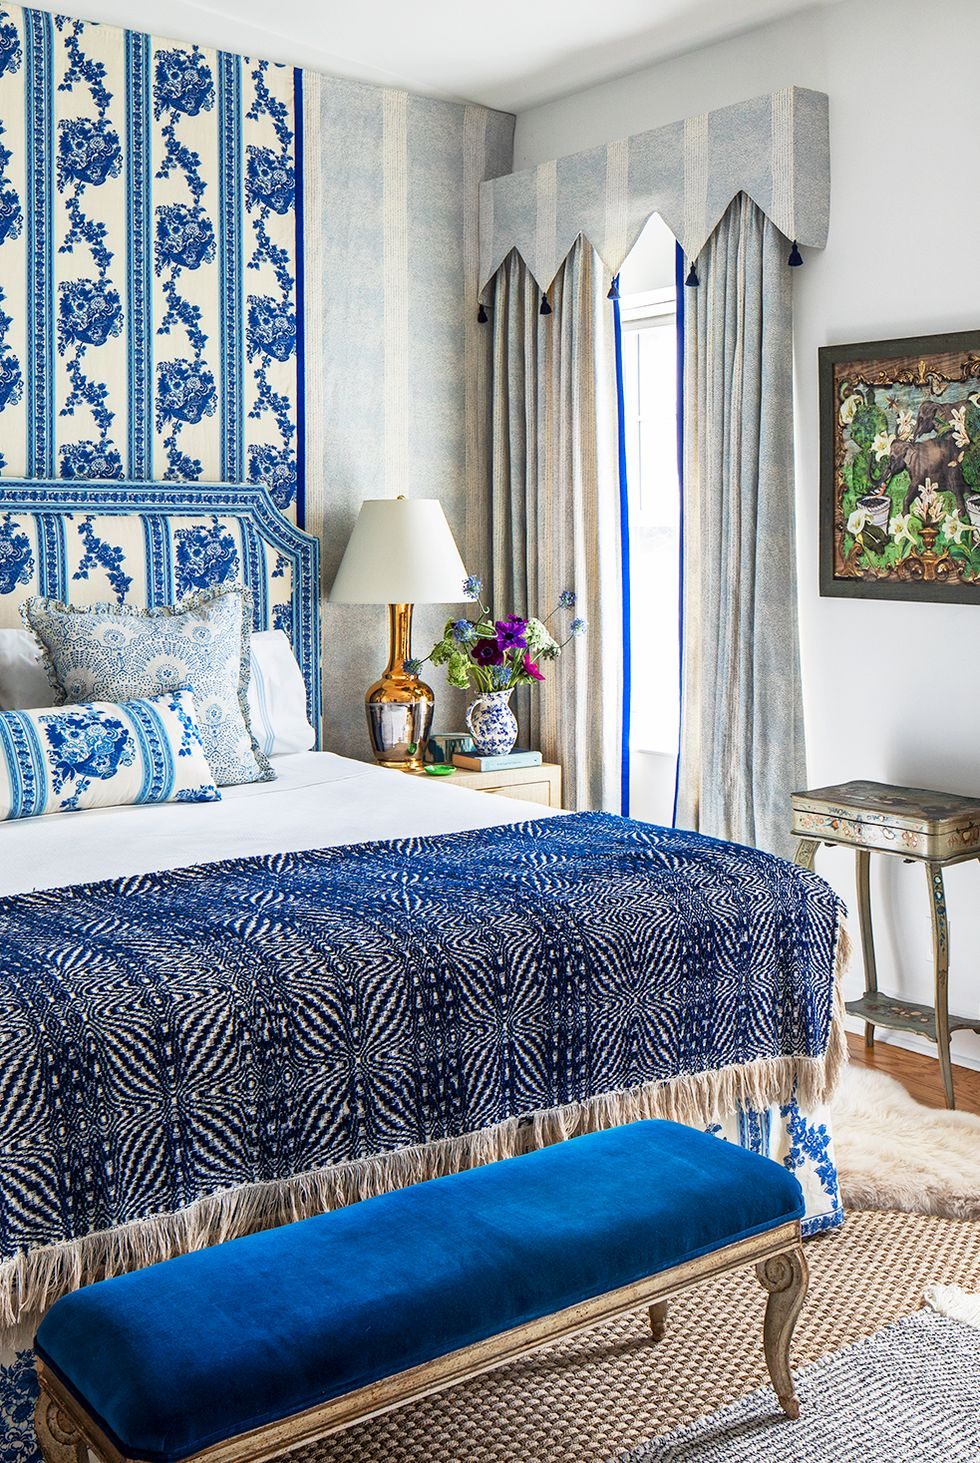 Màu xanh và trắng làm trung tâm trong phòng ngủ cổ điển nhưng tươi mới này của Eliza Crater. Với các lớp in và các loại vải vui nhộn cũng như các điểm nhấn bằng kim loại và tác phẩm nghệ thuật, cách phối màu này có rất nhiều chiều sâu và kích thước trong khi vẫn giữ được sự gắn kết và chặt chẽ.